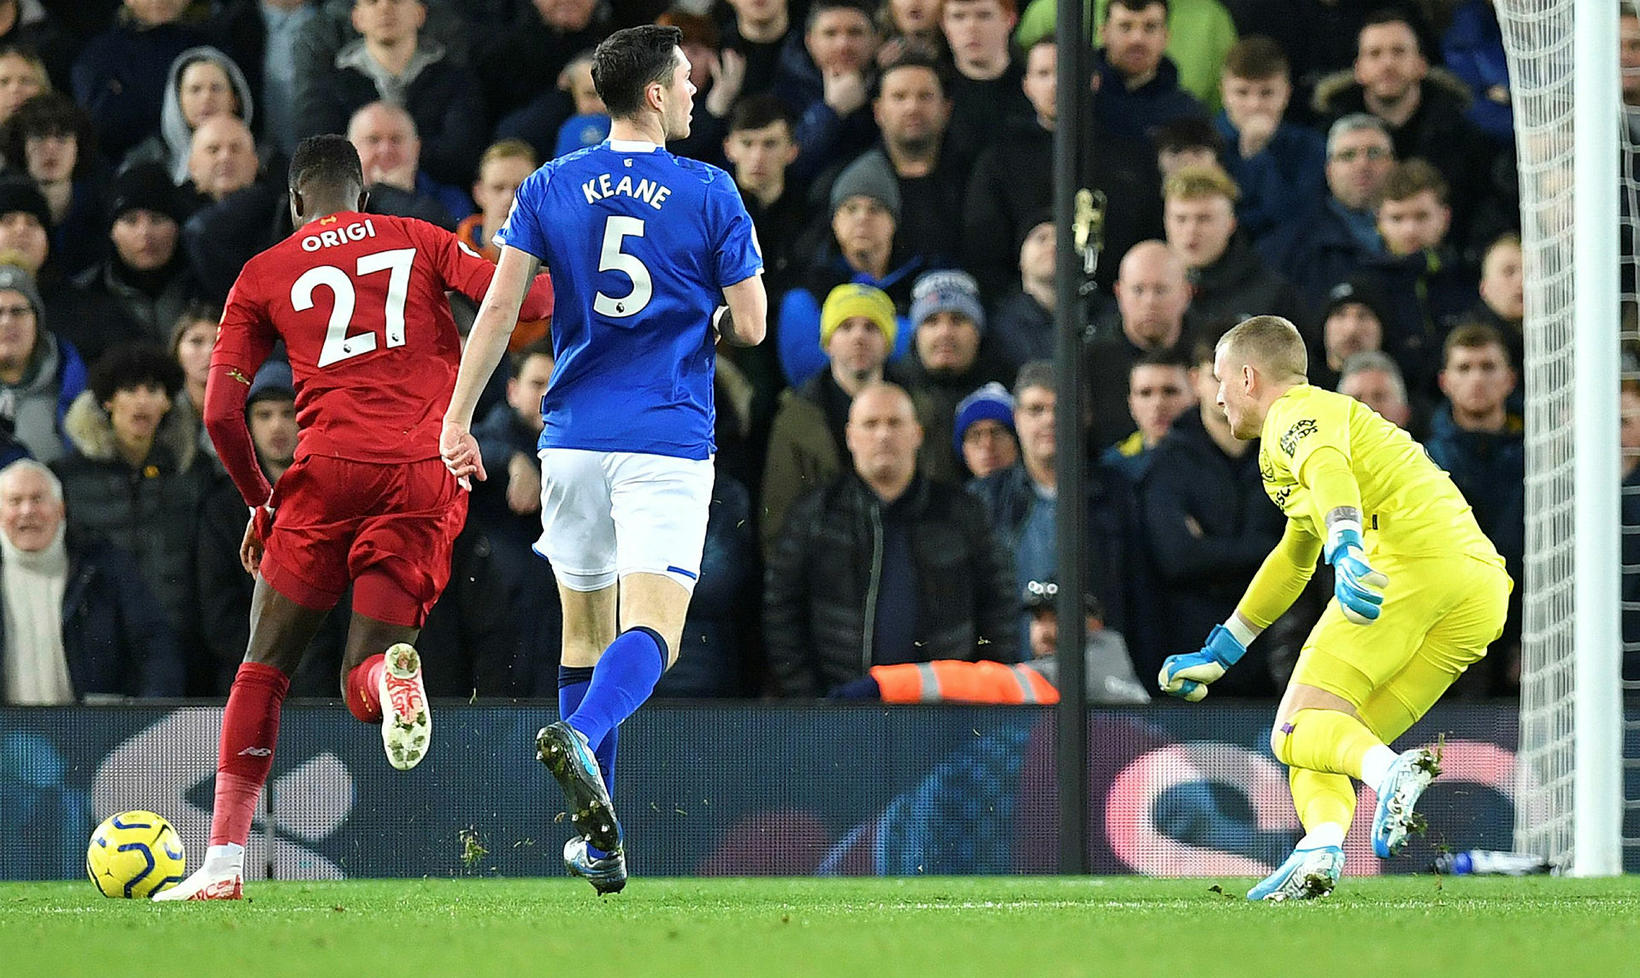 Divock Origi kom Liverpool í 1:0 á 6. mínútu.